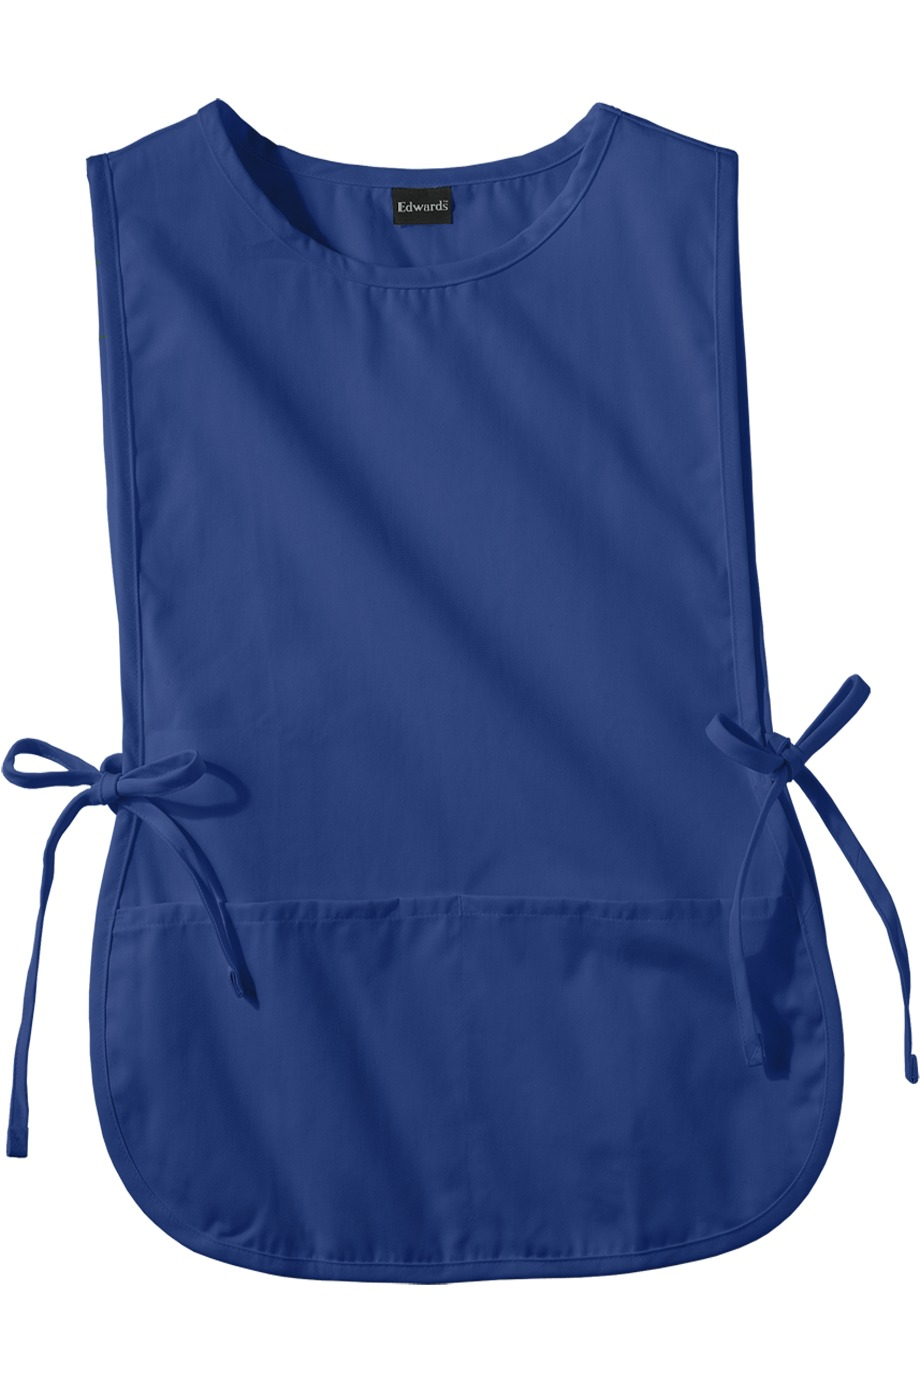 Edwards Garment 9006 - Cobbler Apron